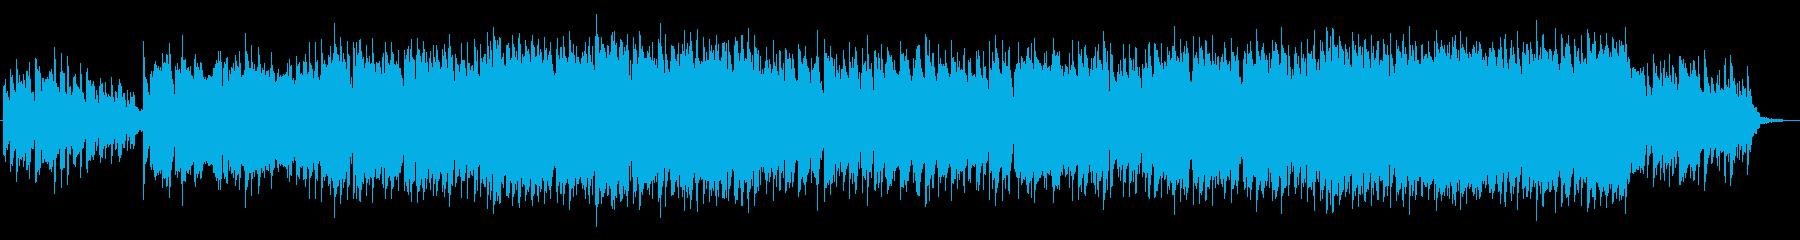 美しく綺麗なシンセサイザーサウンドの再生済みの波形